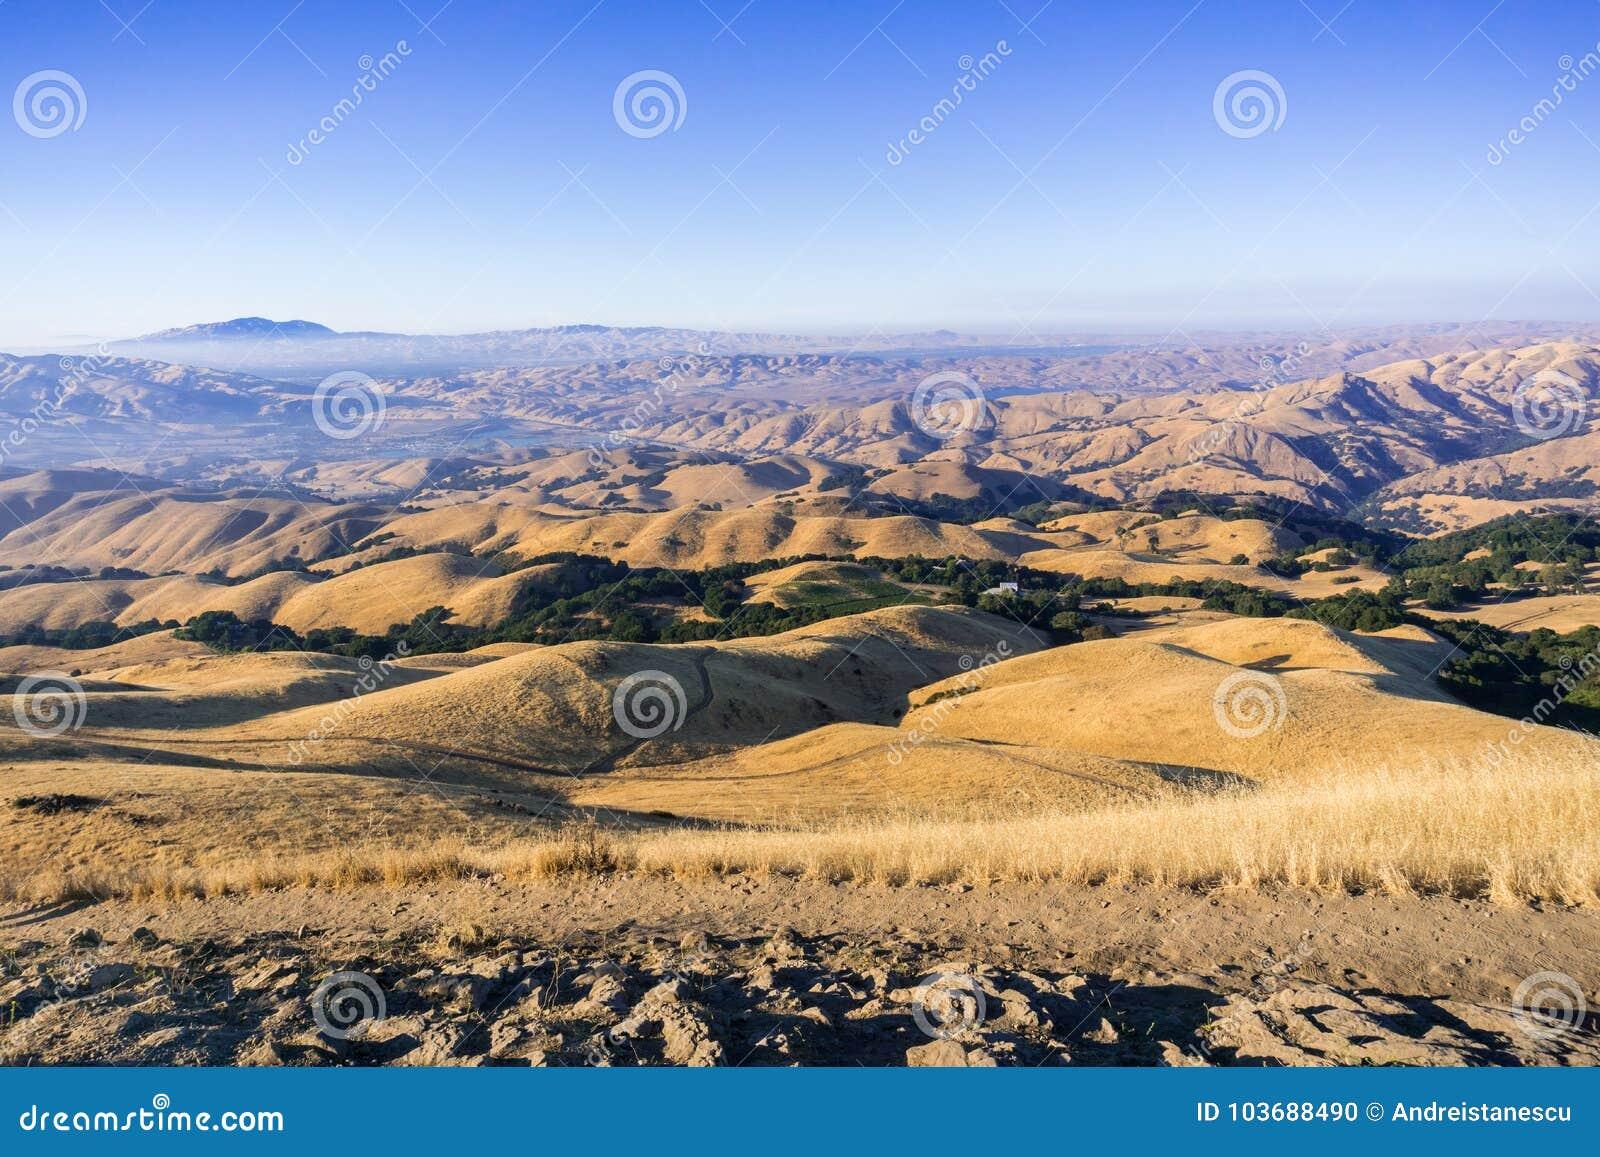 Schleppen Sie unter den goldenen Hügeln und den Tälern der Auftrag-Spitze, der Ansicht in Richtung zum Drei-Tal und des Mt Diablo